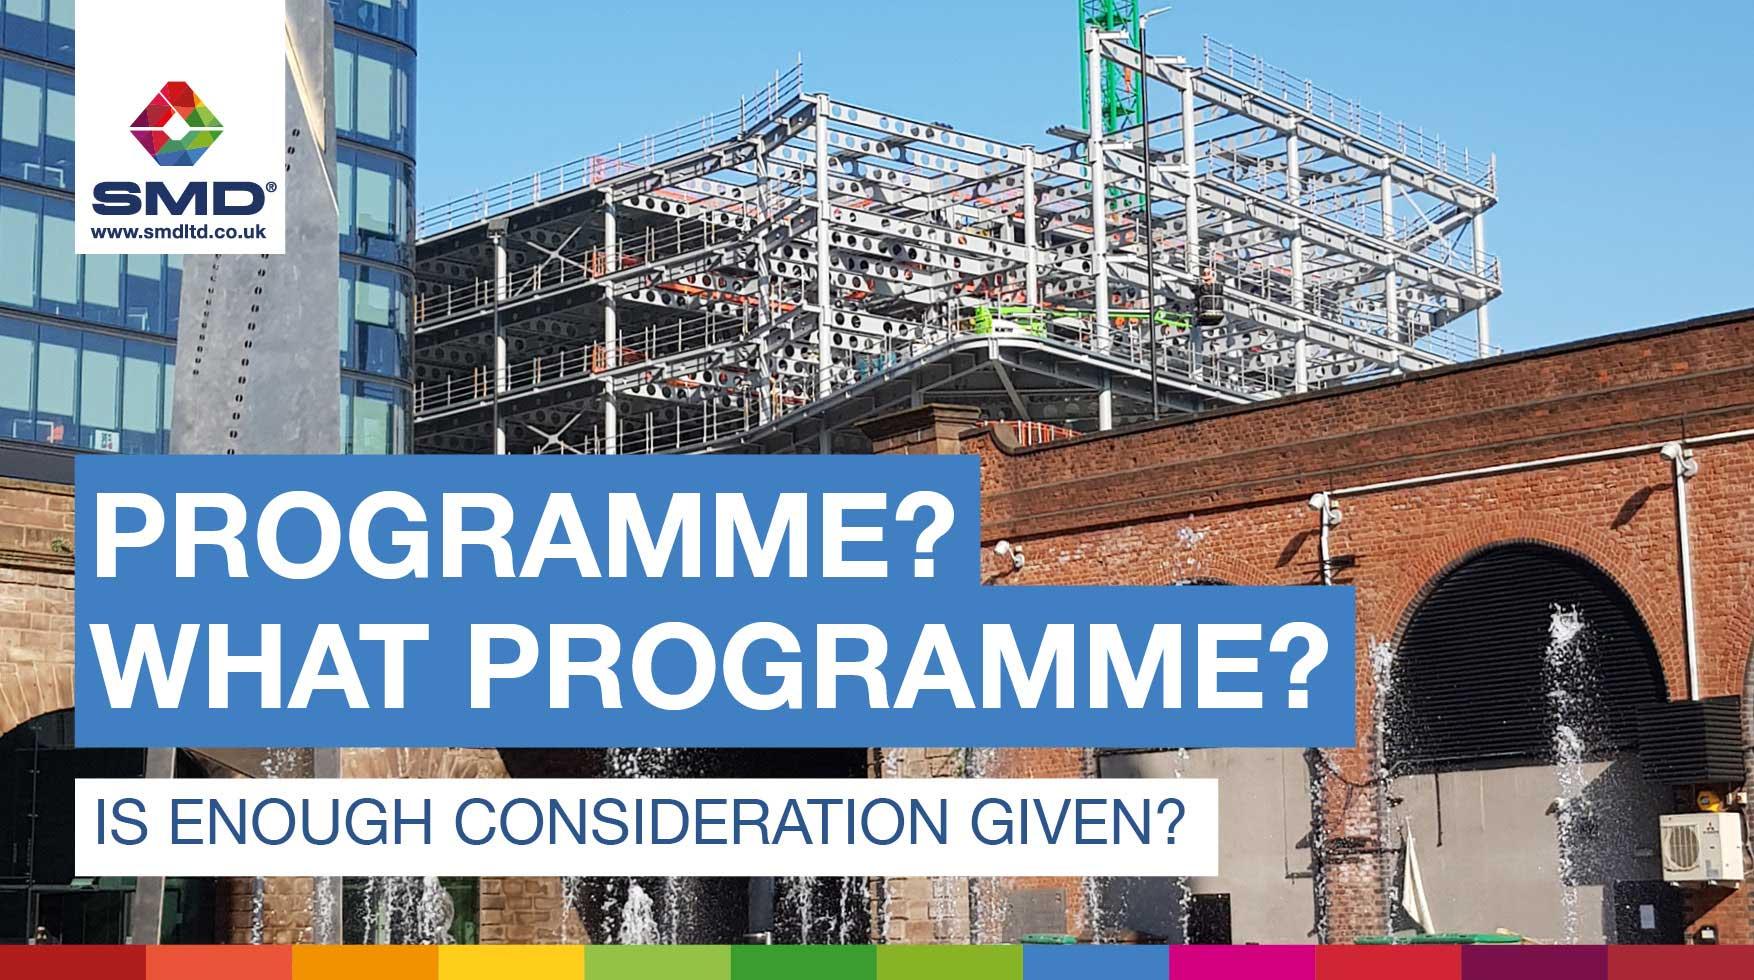 Programme, what programme